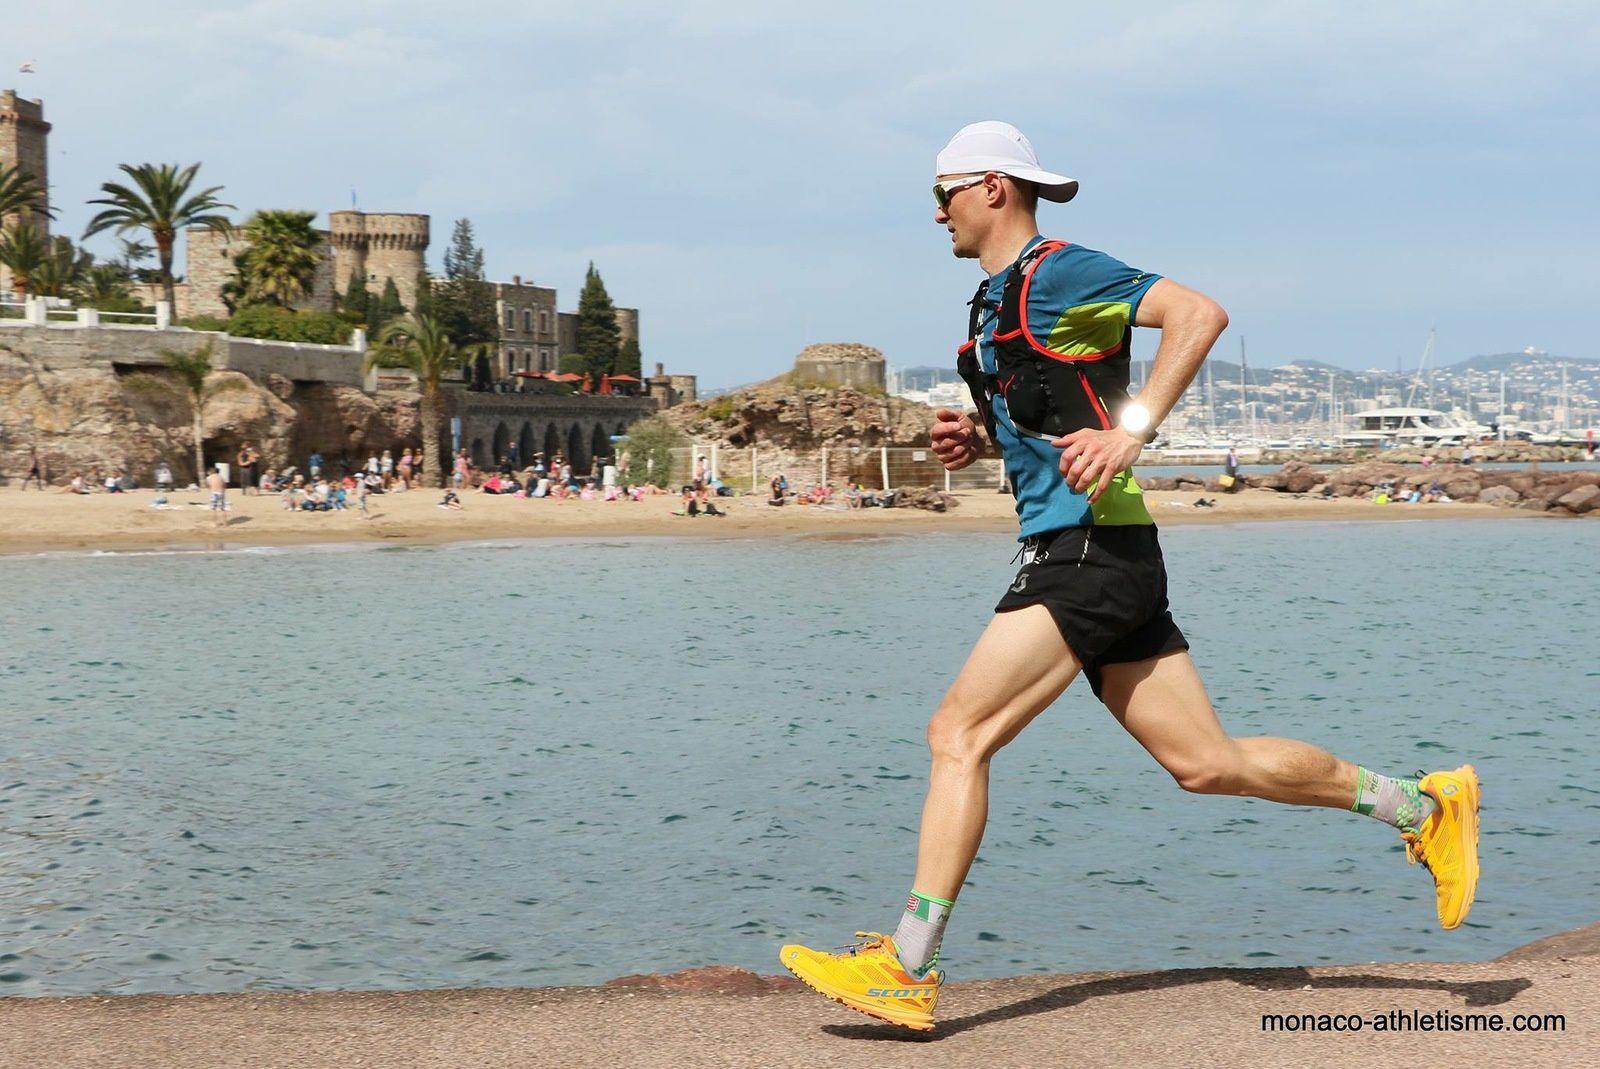 crédit photo Monaco Athlétisme